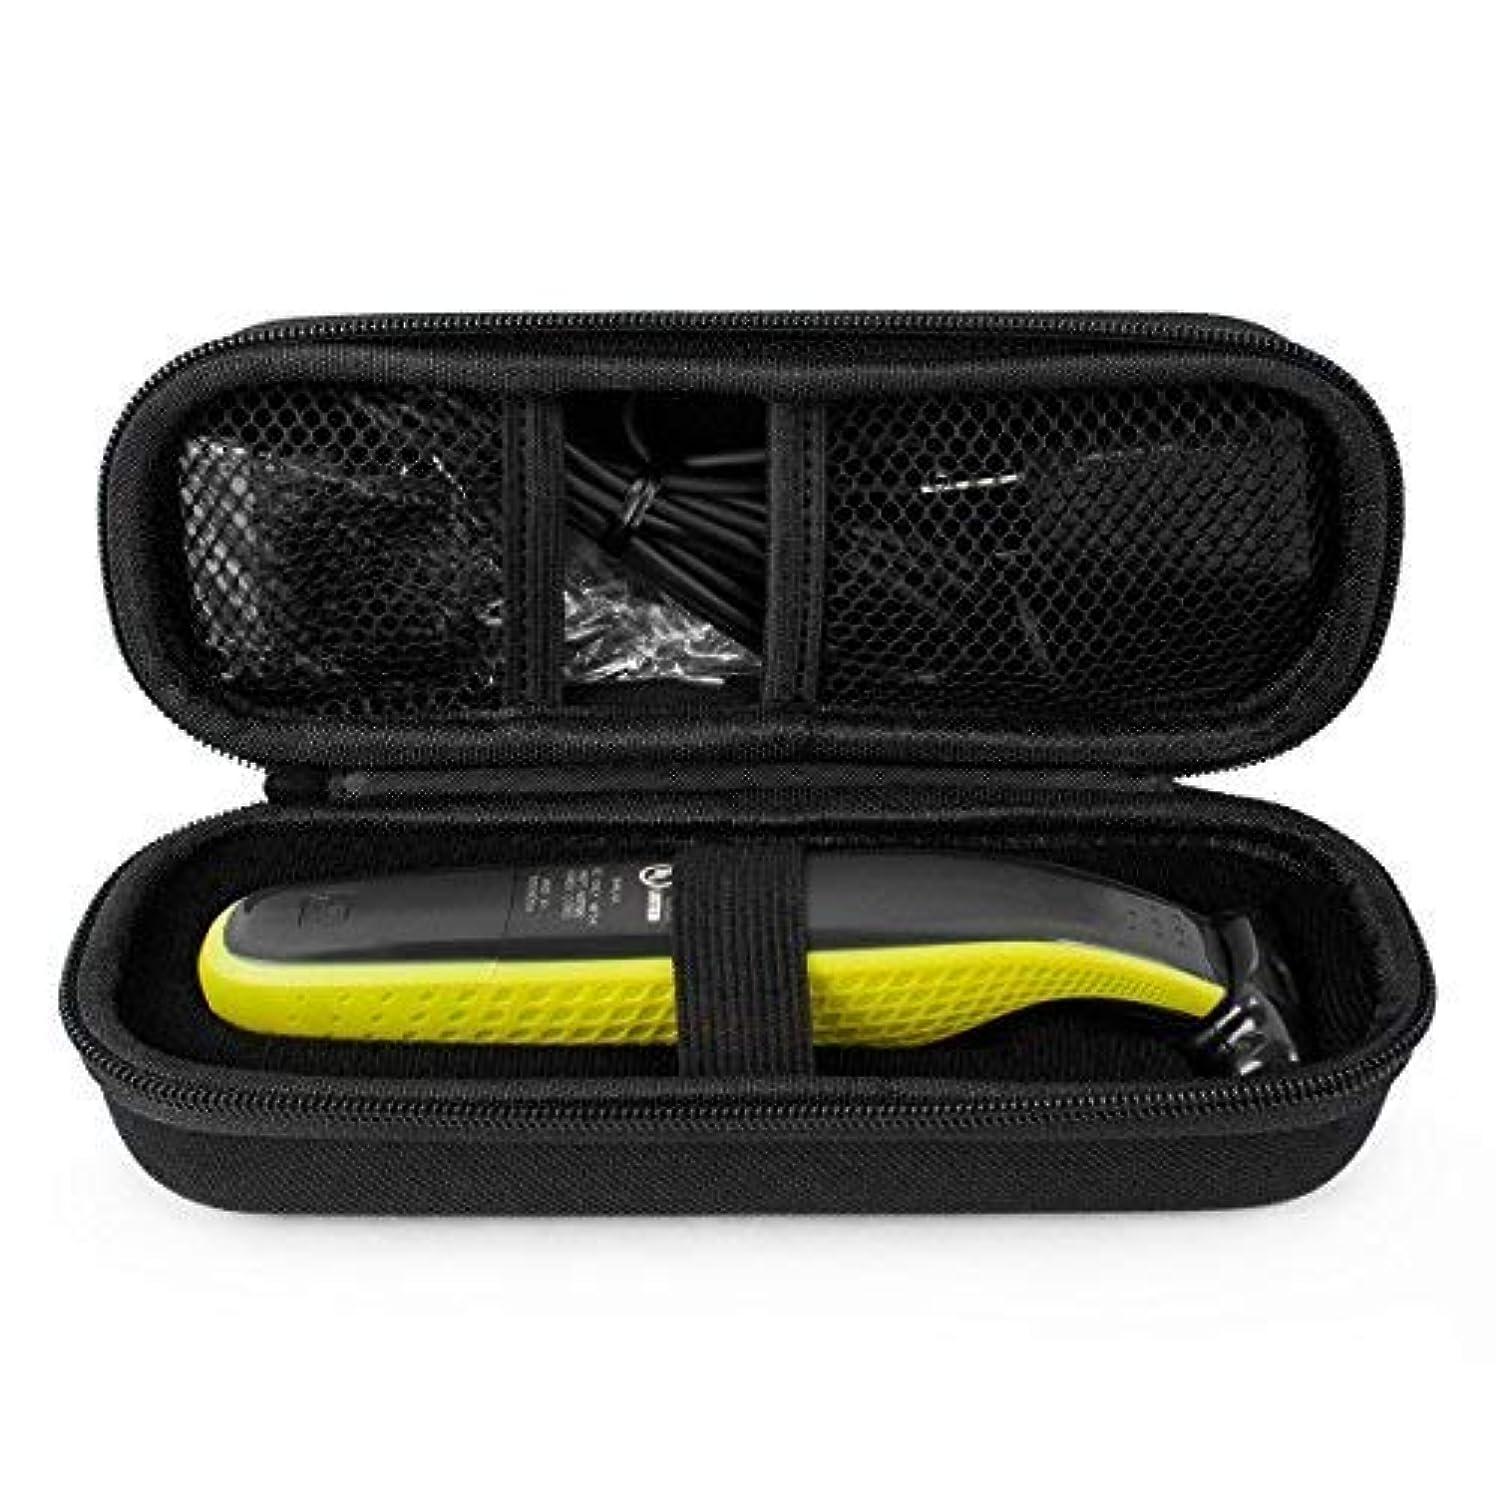 ボックス転倒どこにでもNorelco OneBladeハイブリッド電気トリマーシェーバー用QSHAVEハードトラベルケース、QP2520 QP2570旅行用収納オーガナイザーケースバッグ